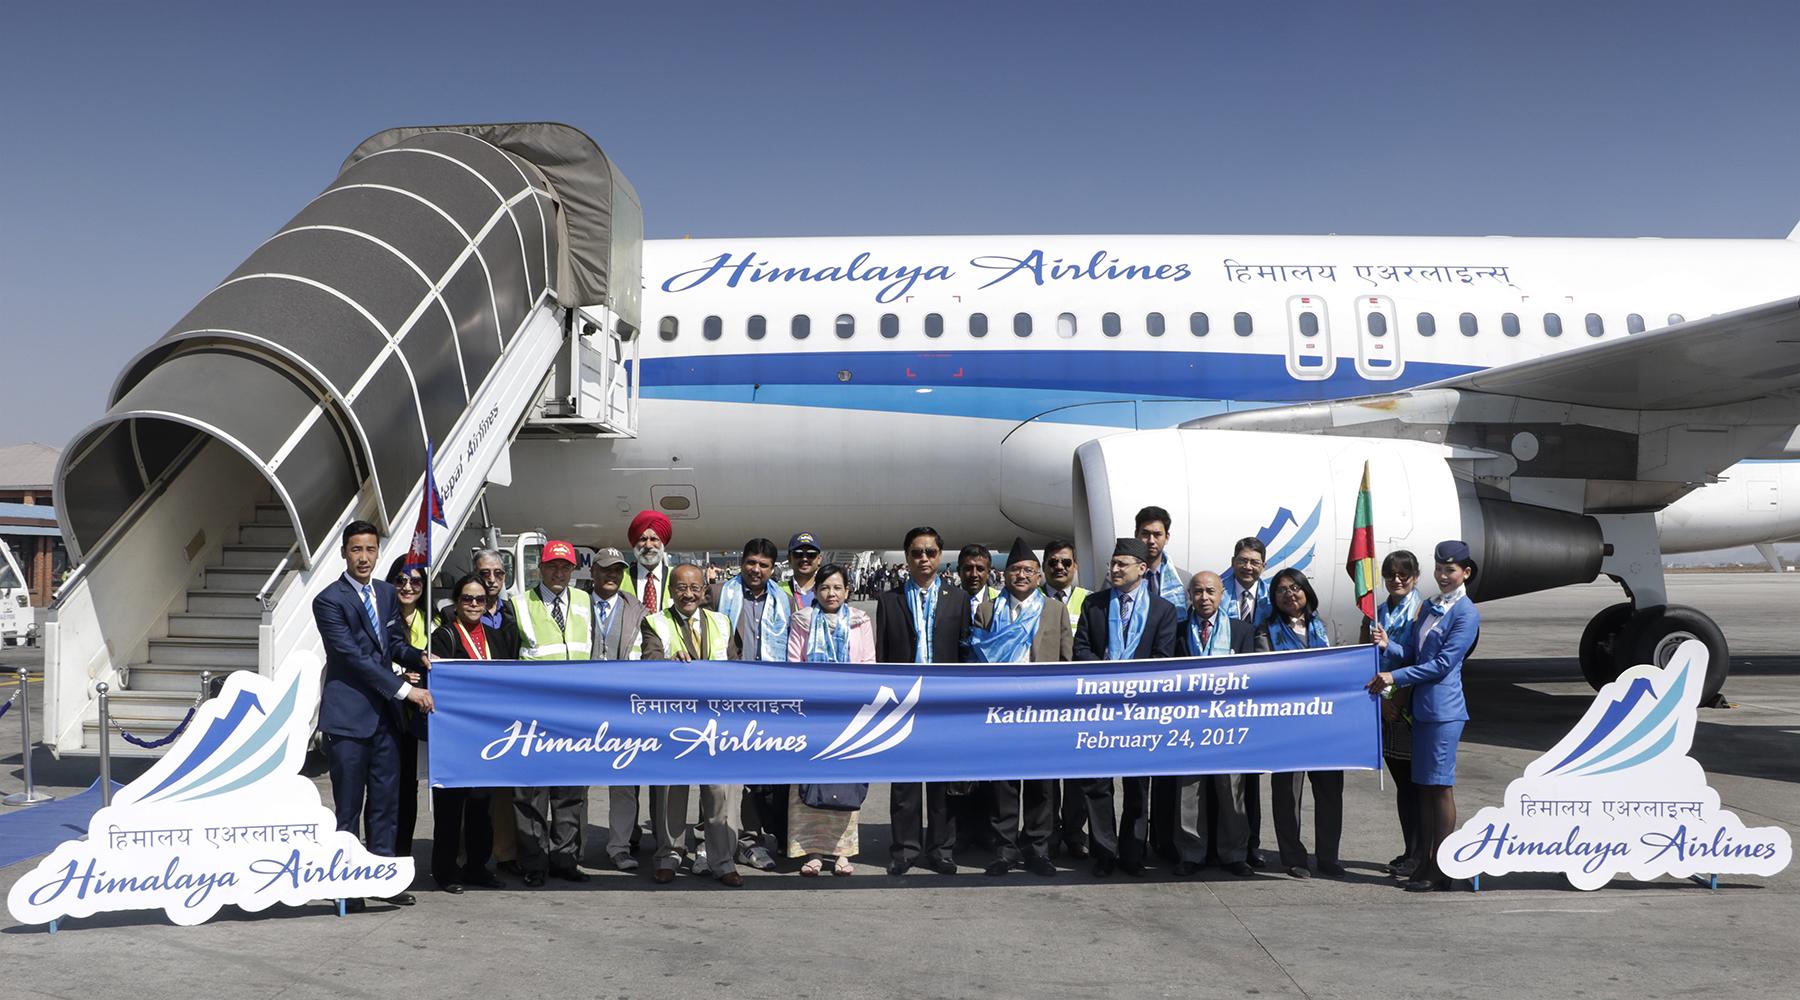 हिमालय एअरलाईन्स्को याङगुन, म्यानमारमा सिधा हवाई सेवा शुरु